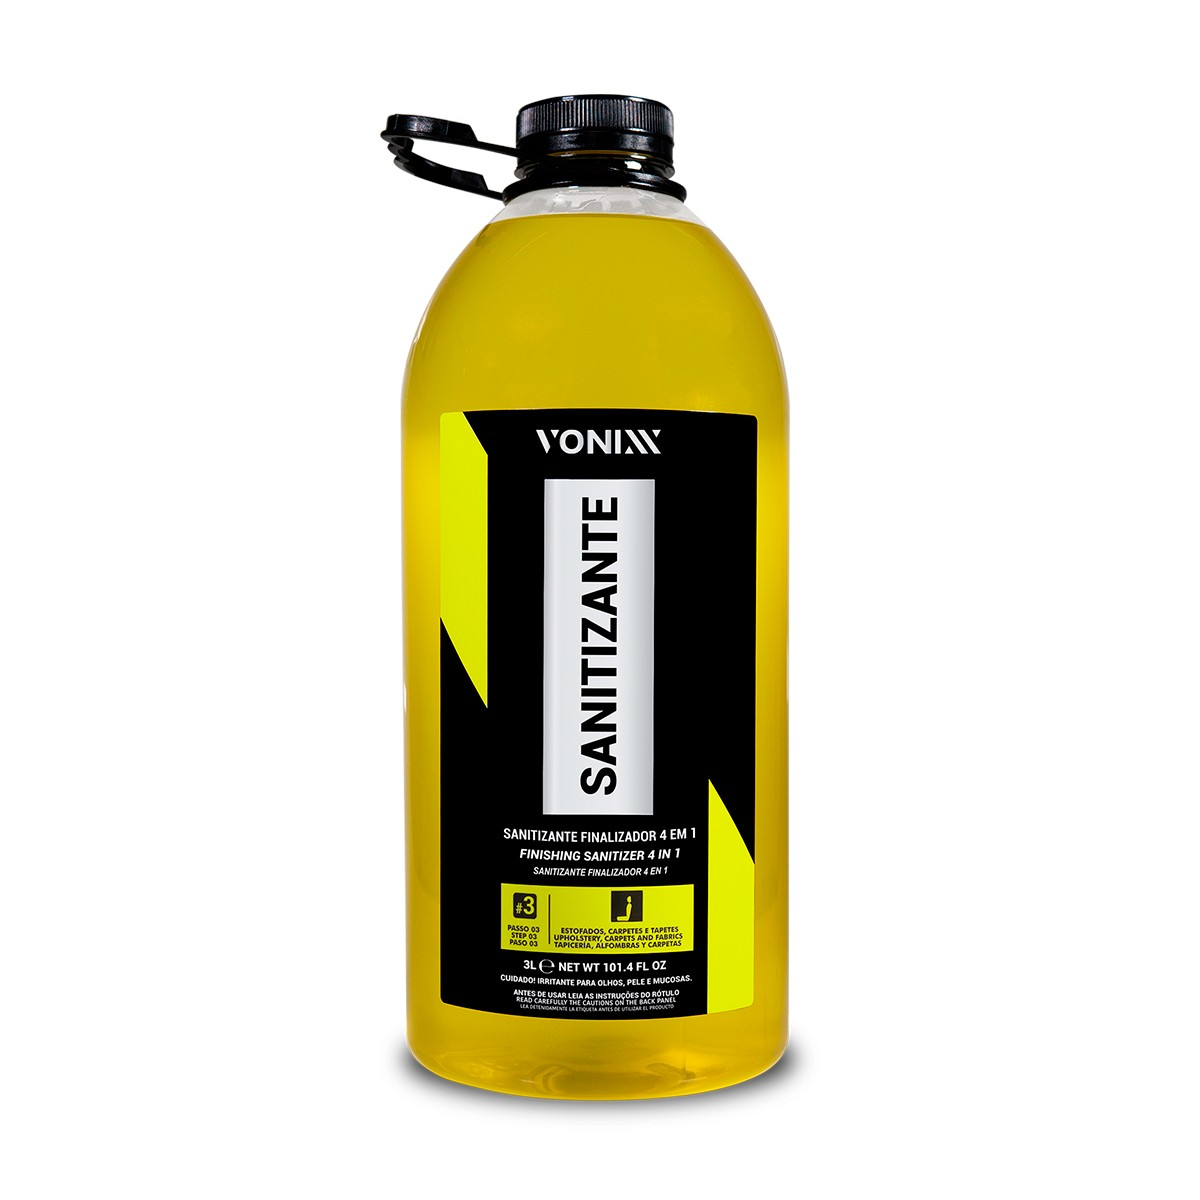 Sanitizante Finalizador 4 em 1 3L - Vonixx